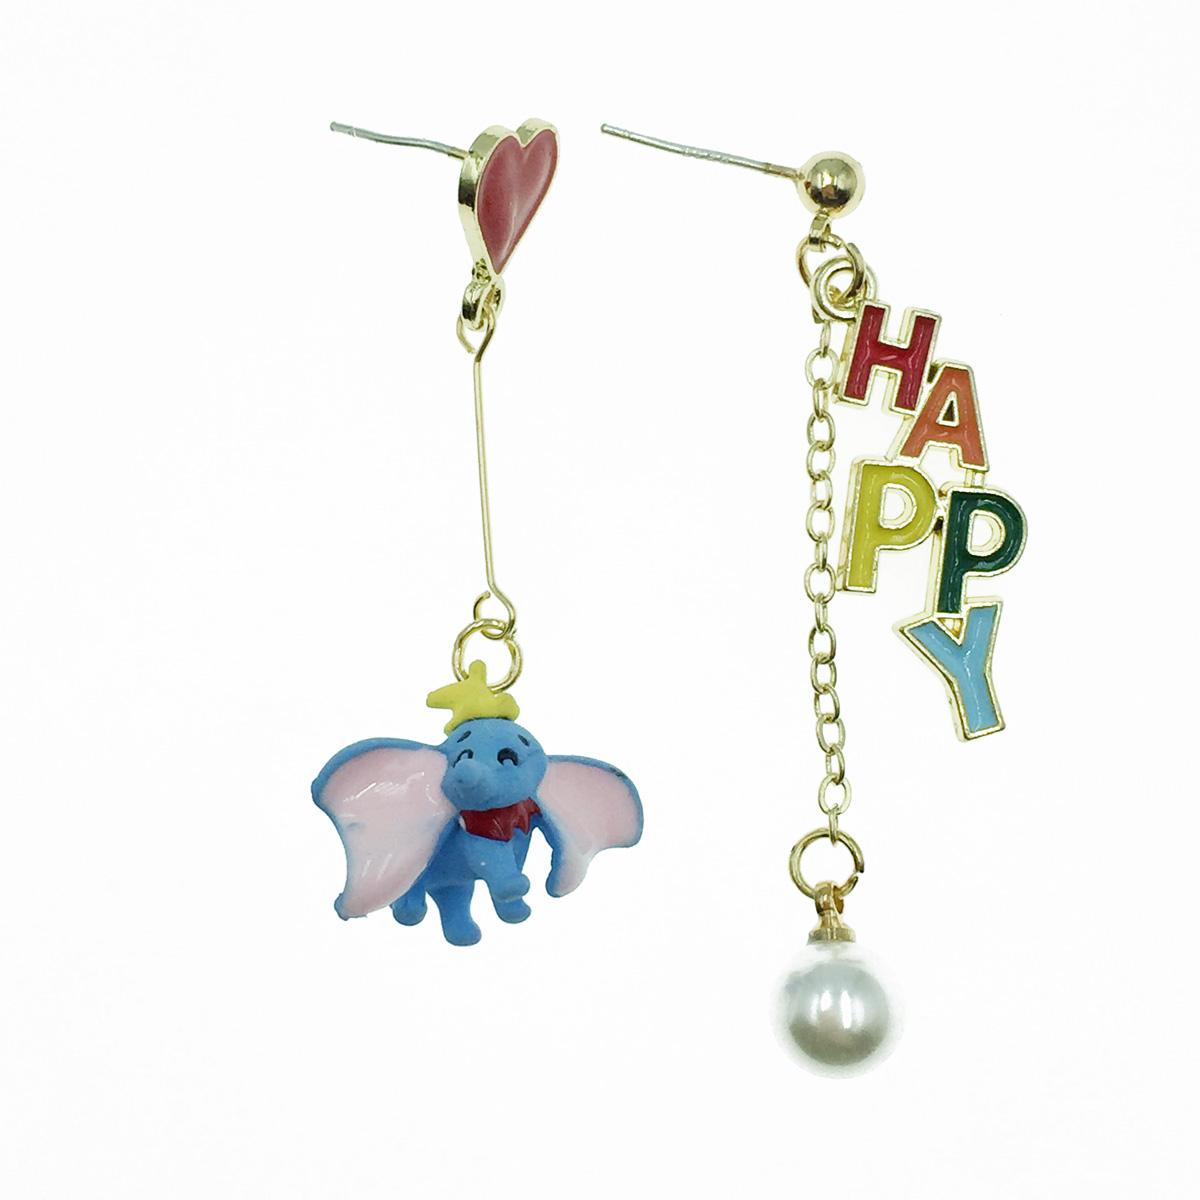 韓國 925純銀 小飛象 HAPPY 愛心 珍珠 垂墜感 耳針式耳環